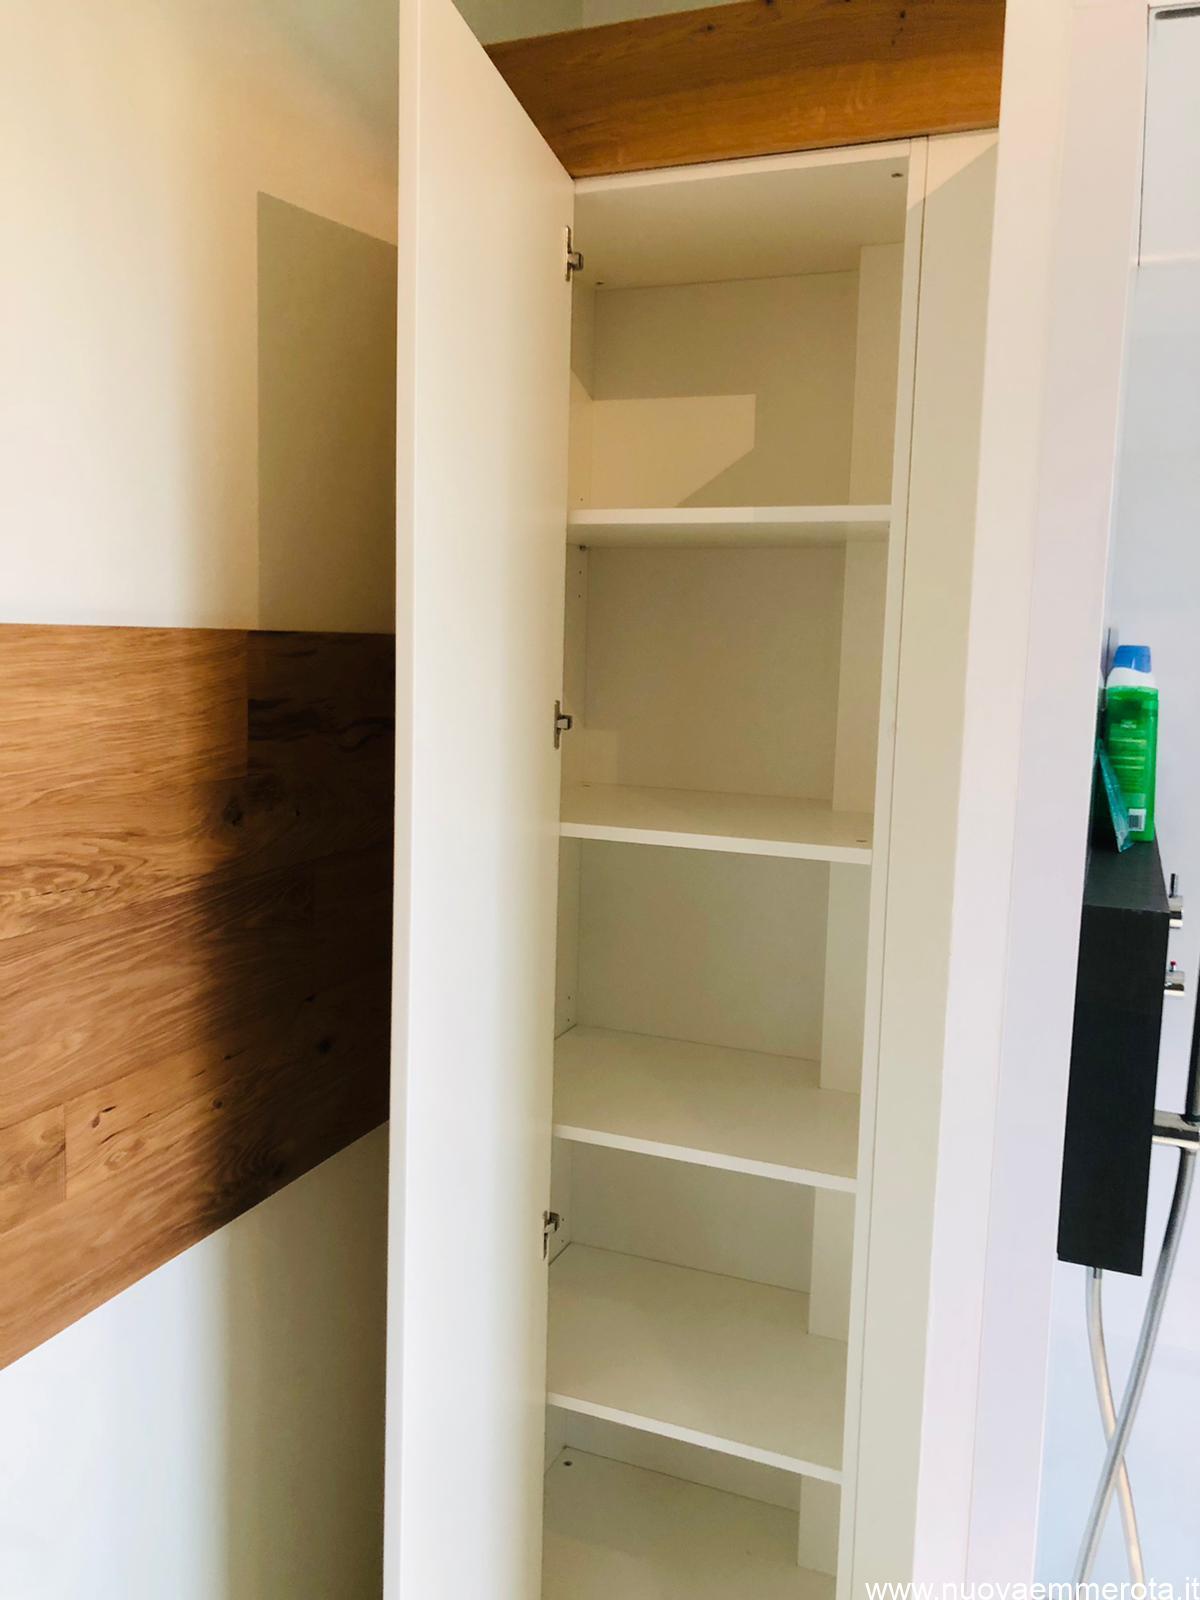 Mensole all'interno di un armadio in nicchia in bagno.